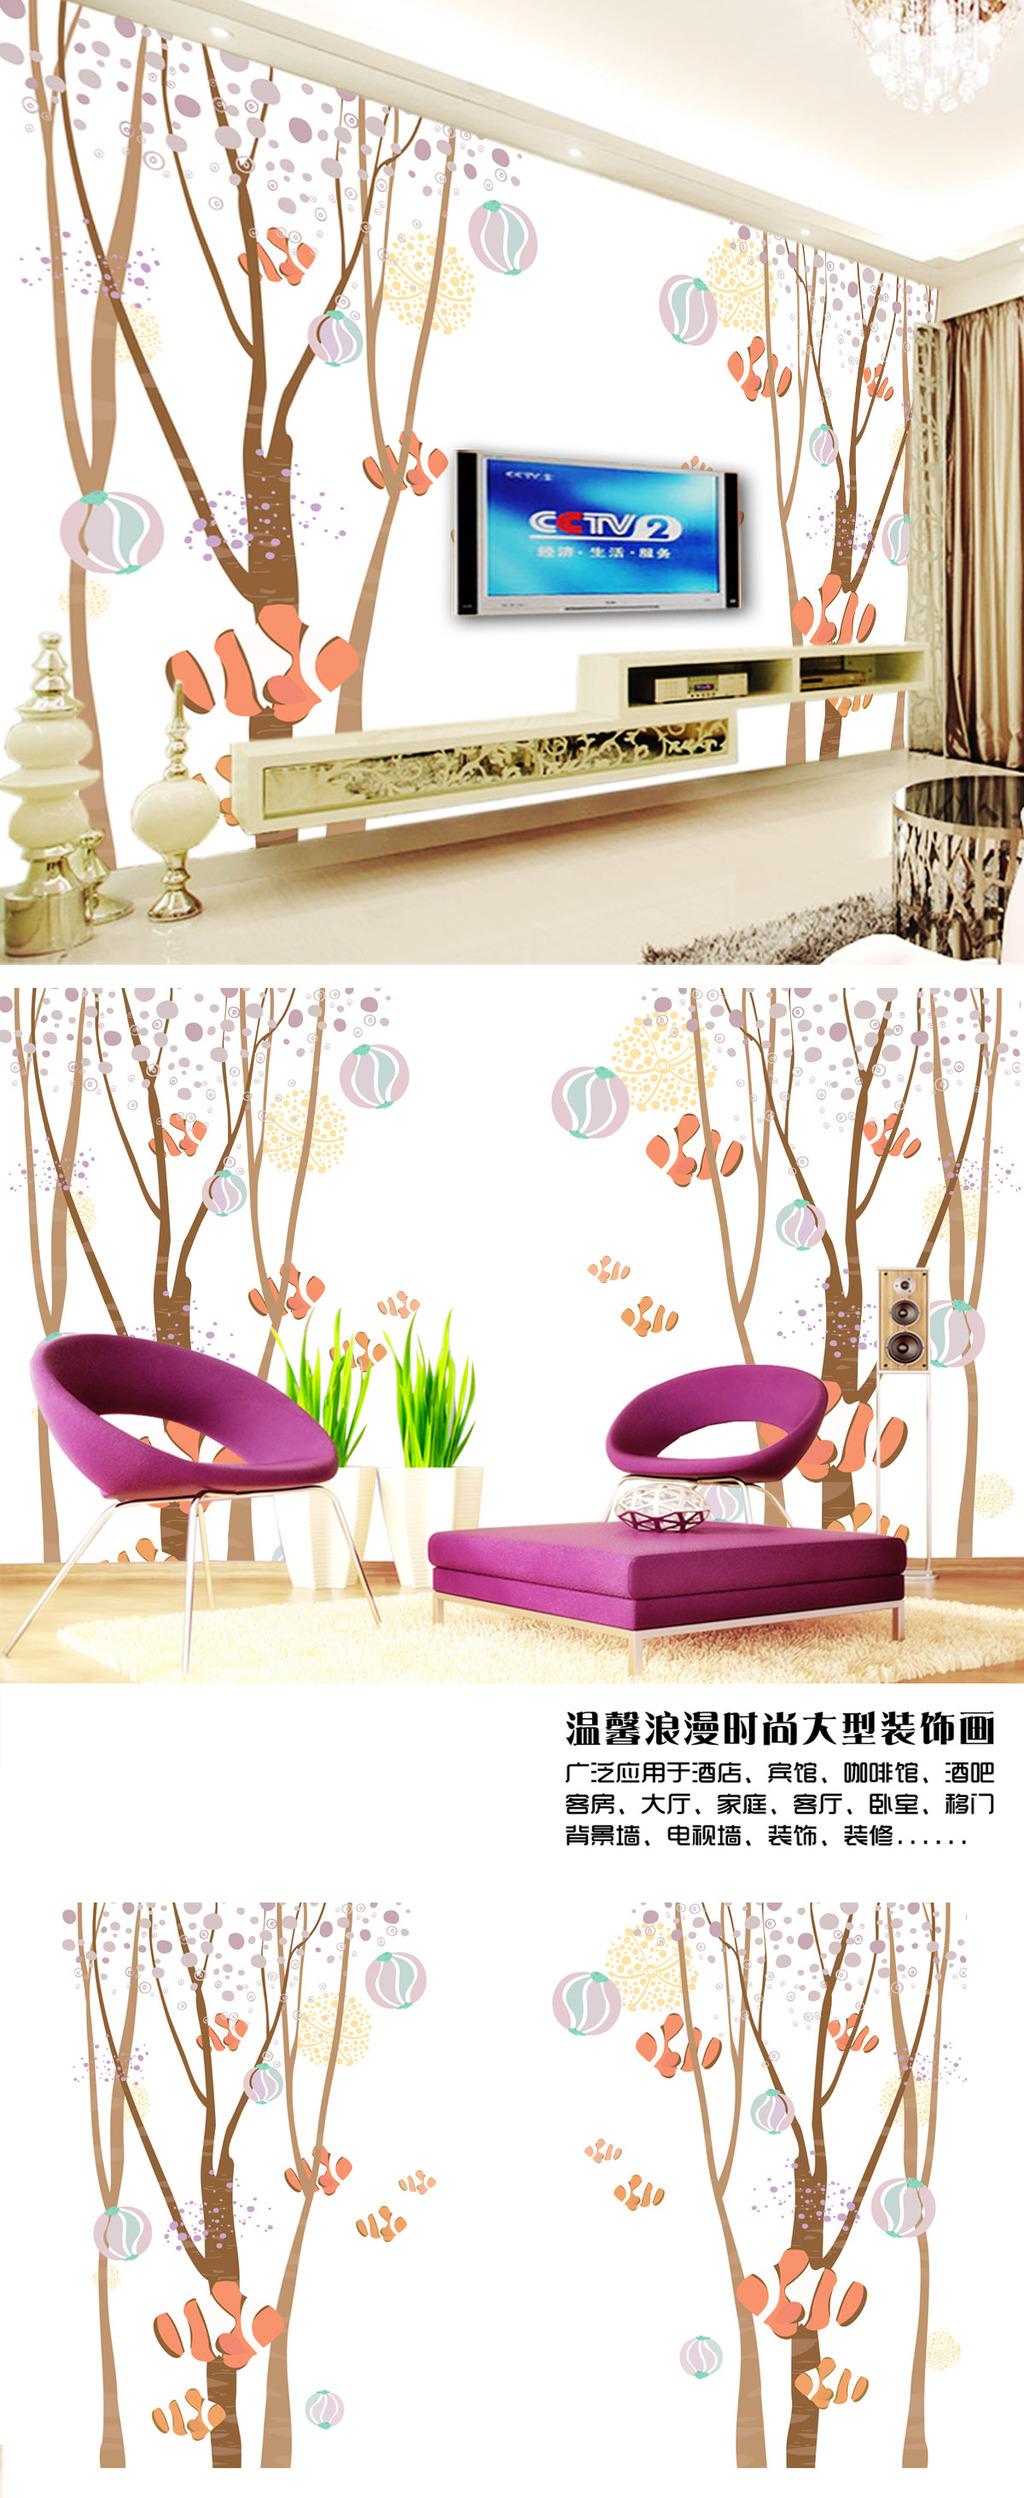 墙纸室内装饰图片 瓷砖 墙画壁纸 装饰画      抽象树 迷彩树林 淡雅